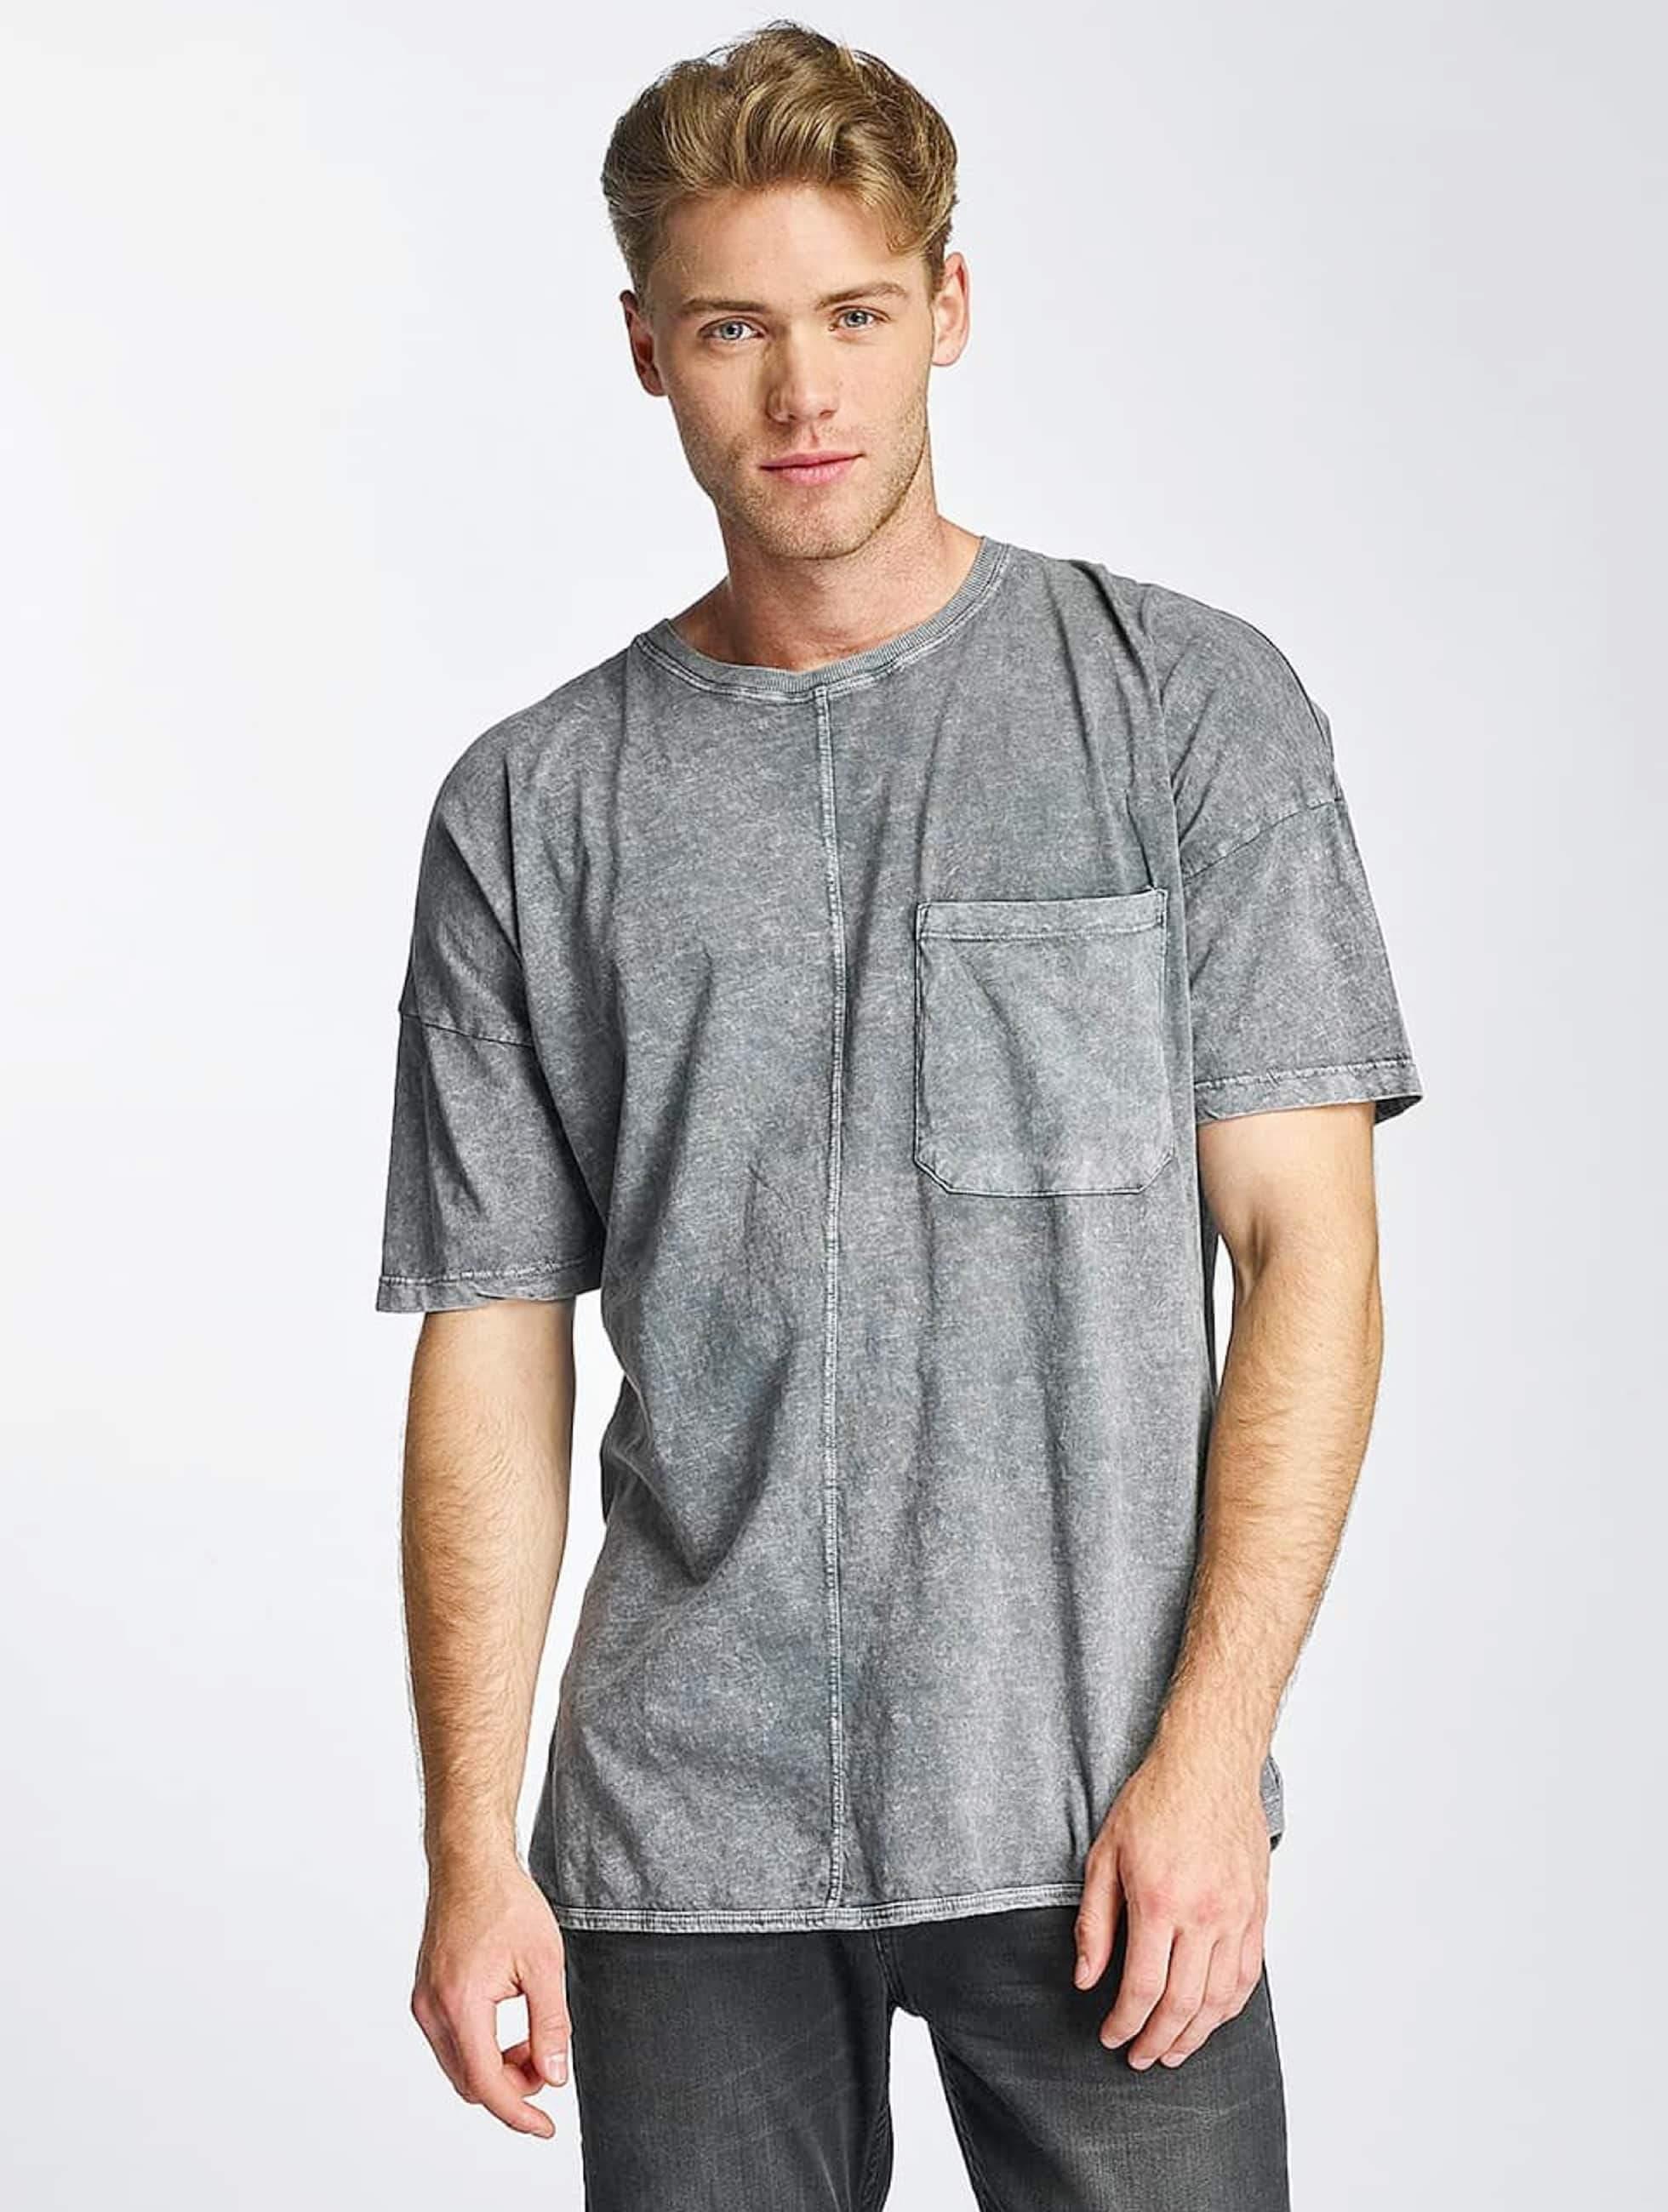 Bangastic / T-Shirt Zeus in grey S